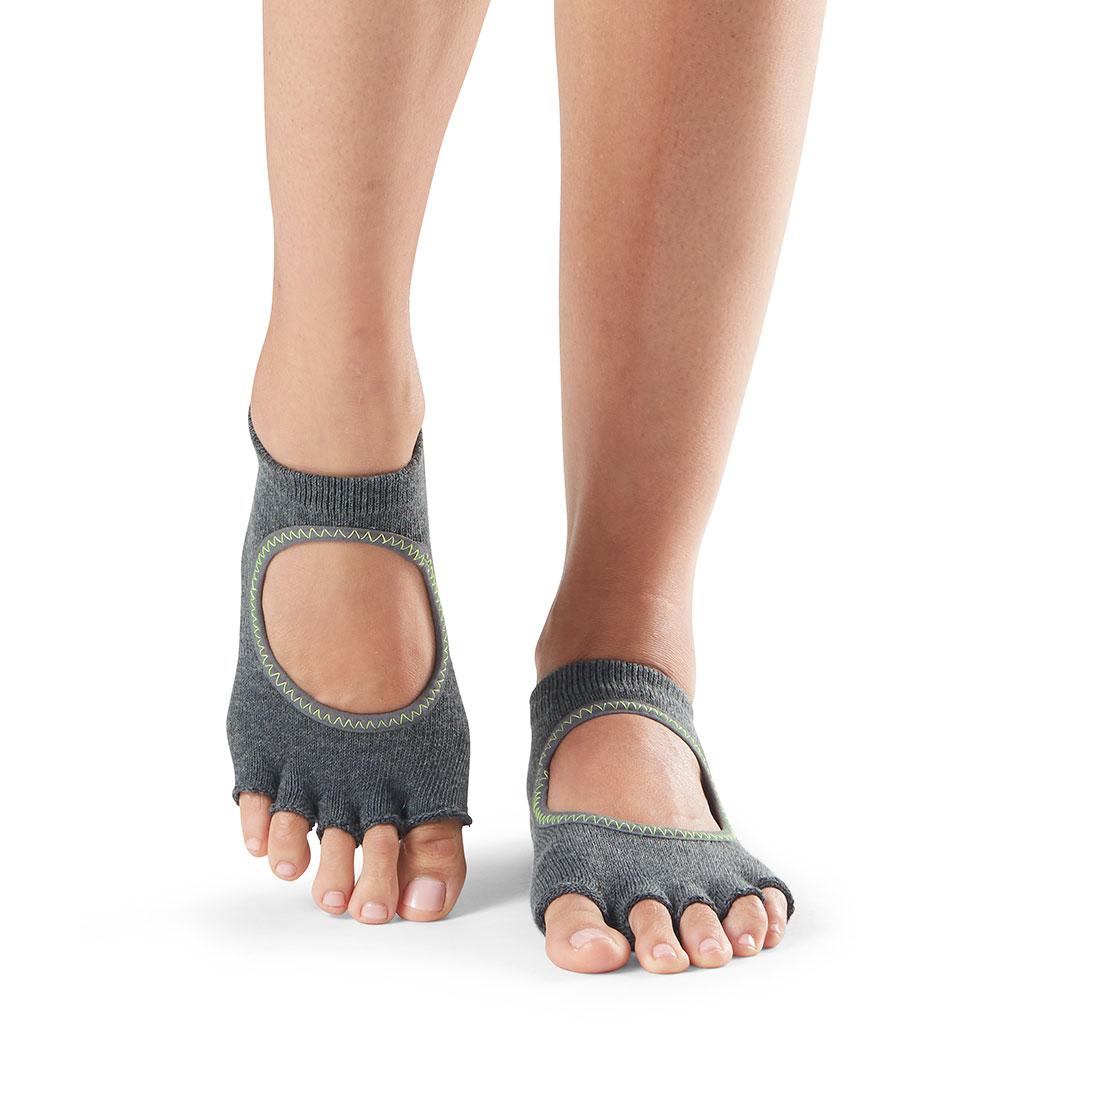 Yogasocken ToeSox Bellarina Half Toe Charcoal Grey - 1